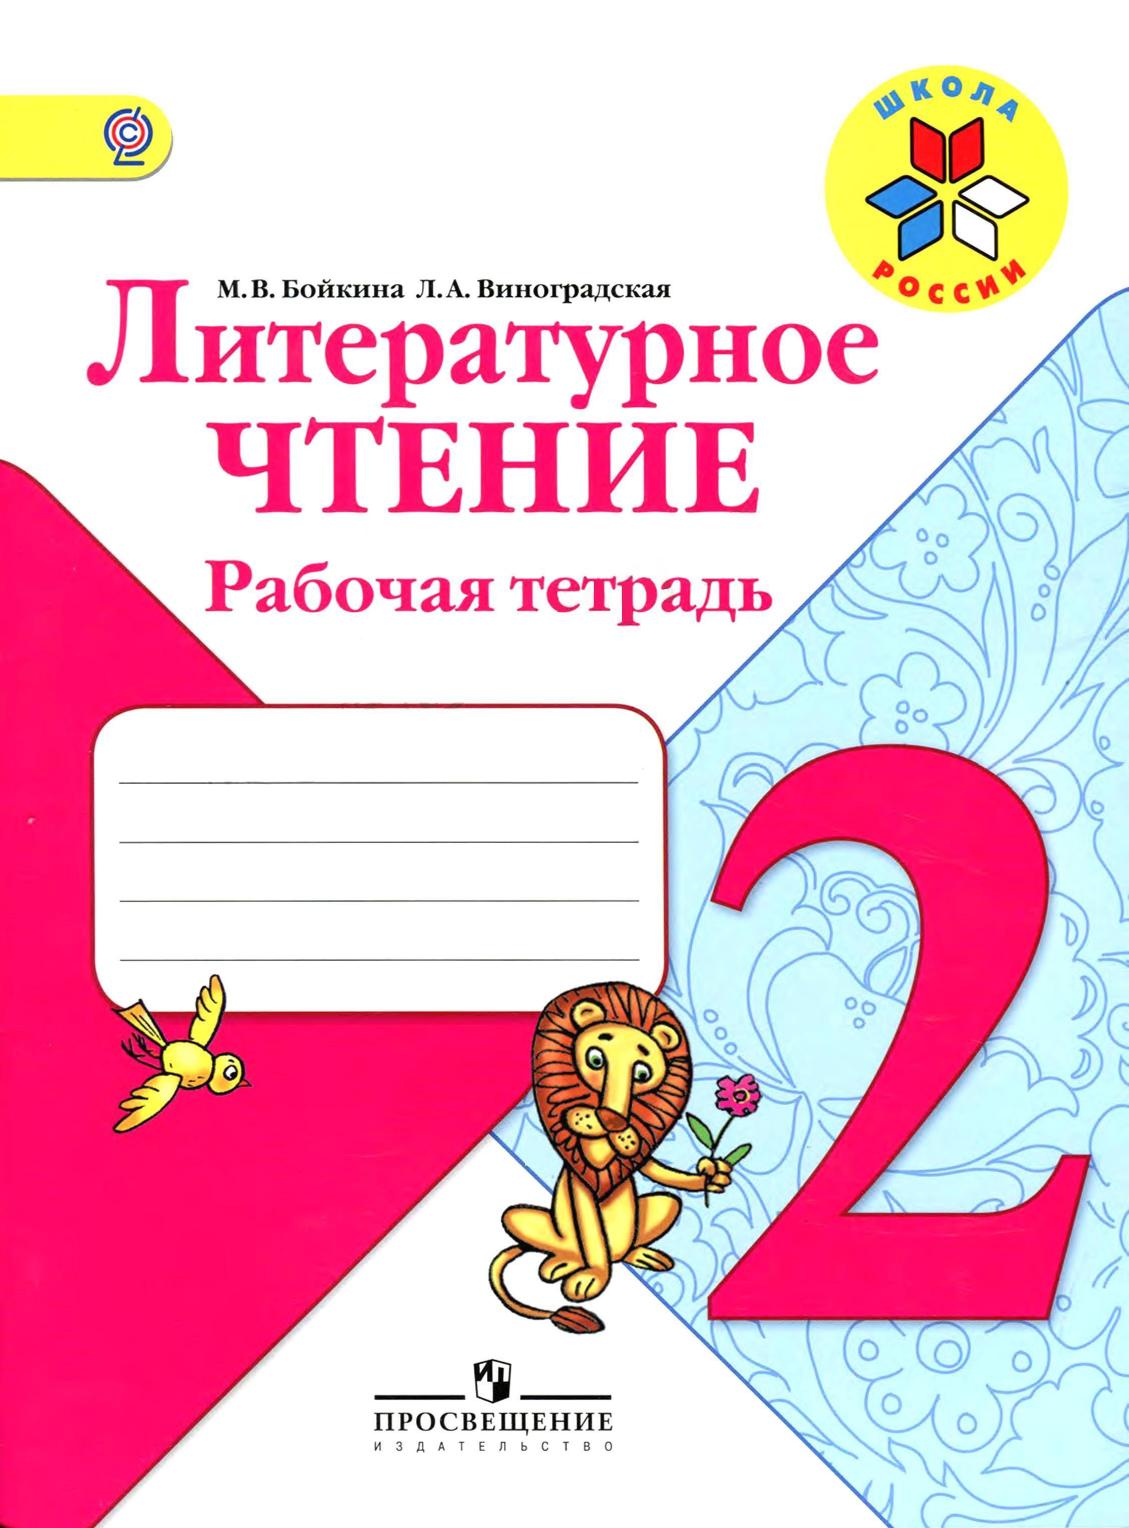 Гдз 4 класс английский язык азарова онлайн милениум рабочая тетрадь